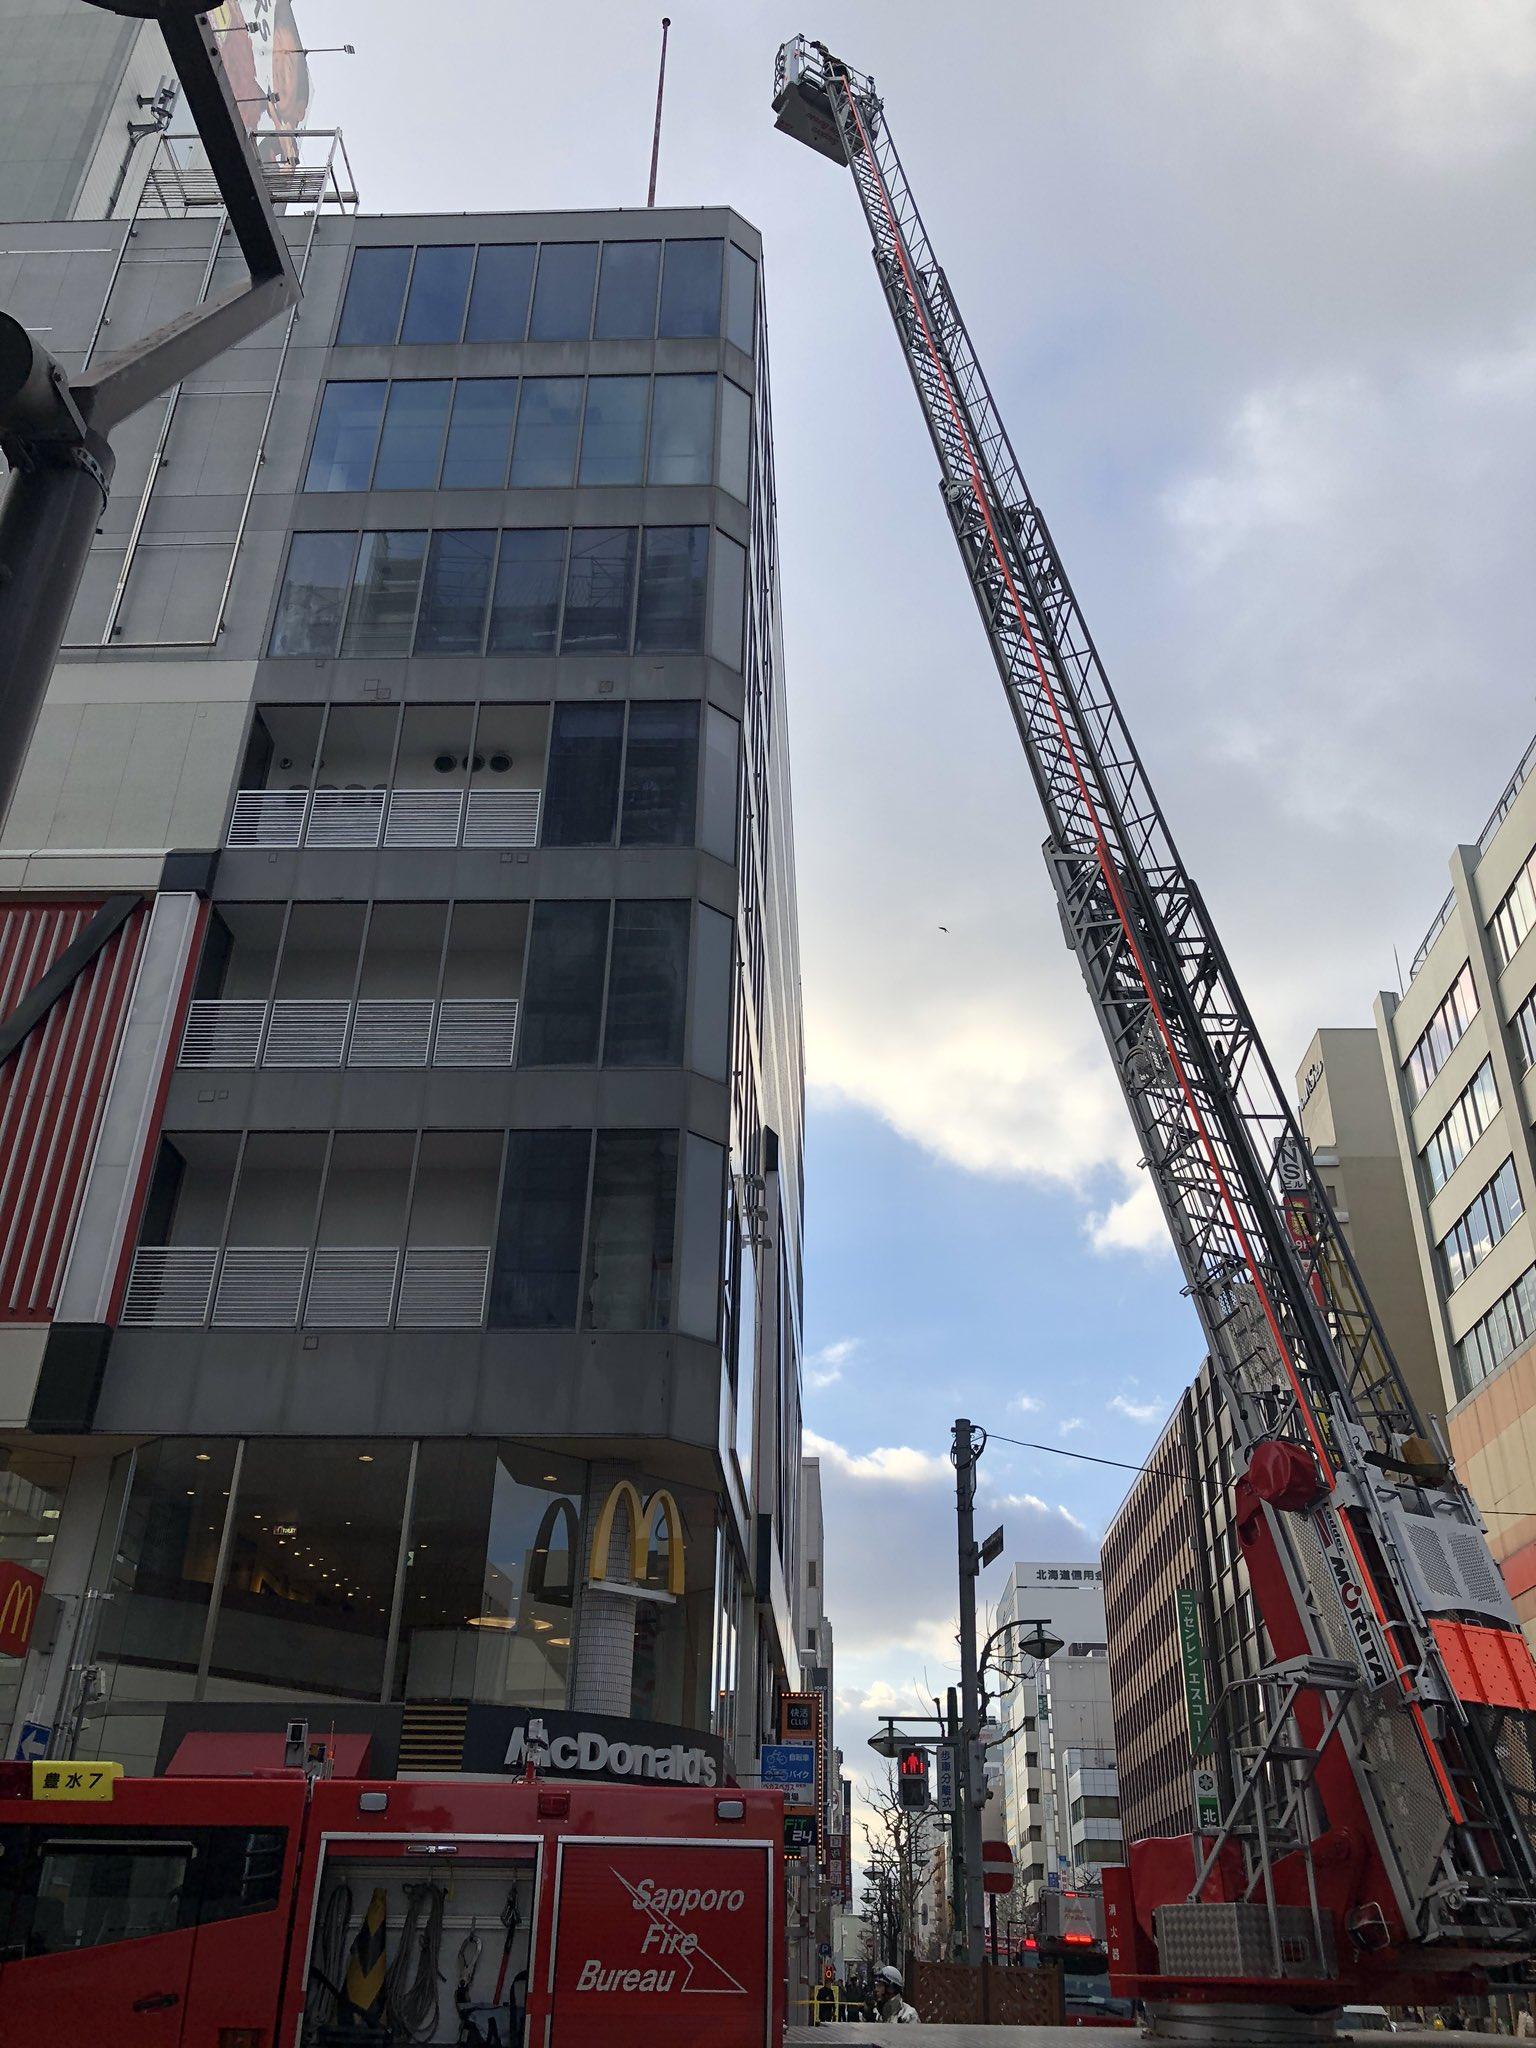 札幌市中央区南2条西2丁目のマクドナルドで火事が起きている現場画像